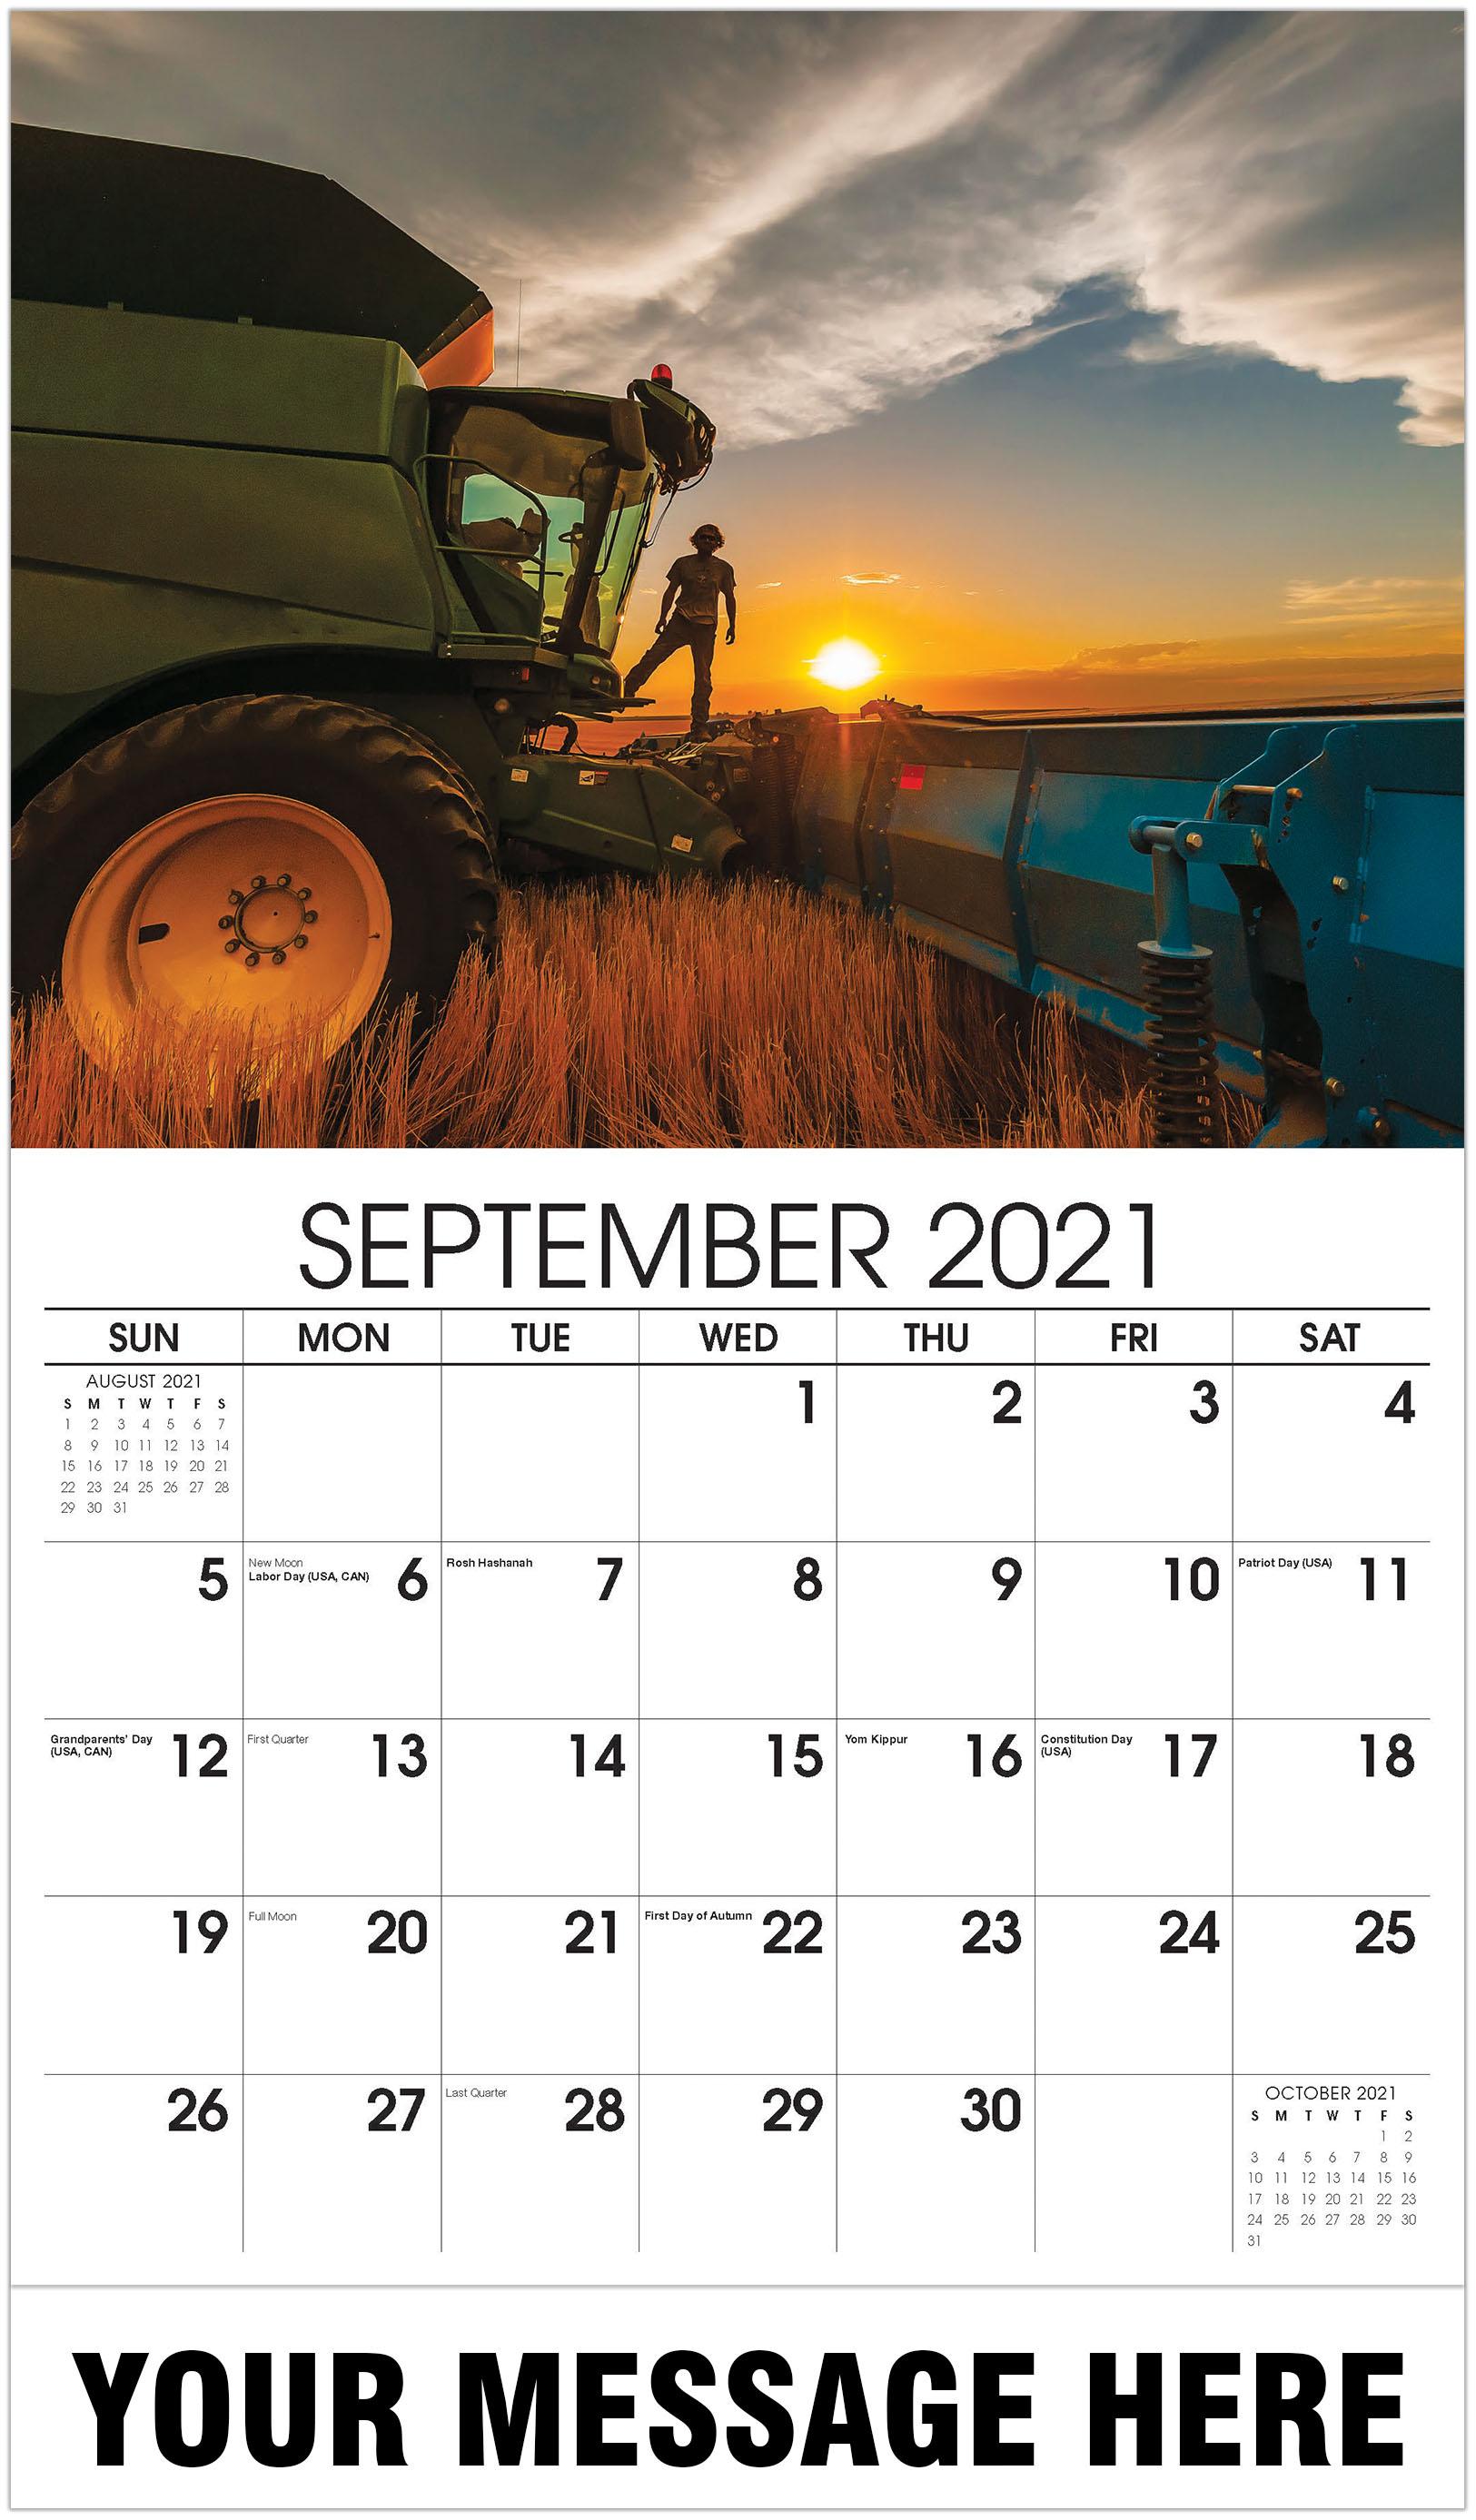 Farmer sunset on tractor - September - Country Spirit 2021 Promotional Calendar